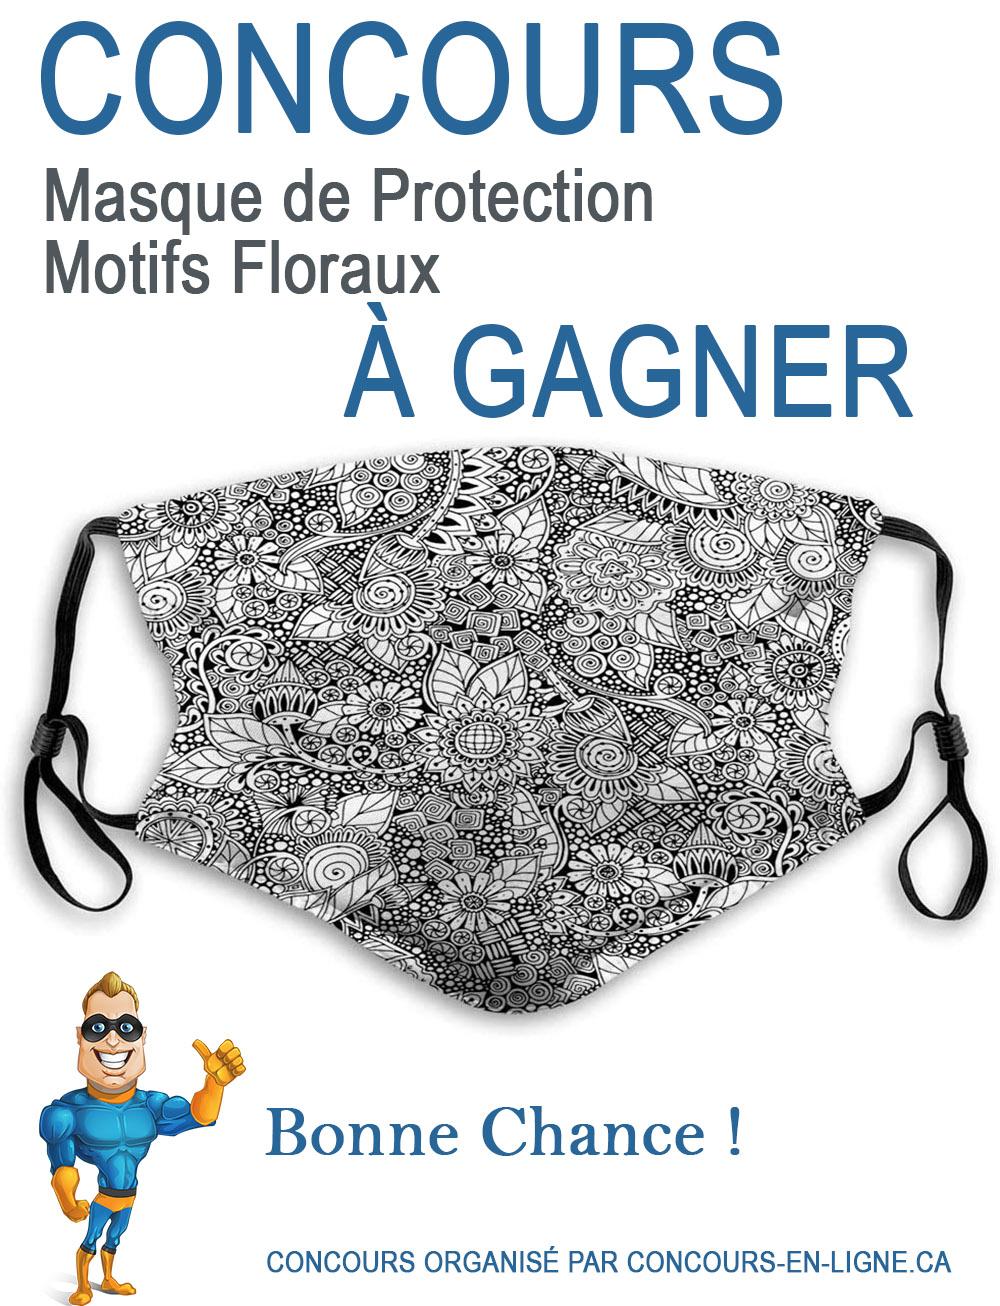 CONCOURS EXCLUSIF - Concours Masque de Protection à Gagner